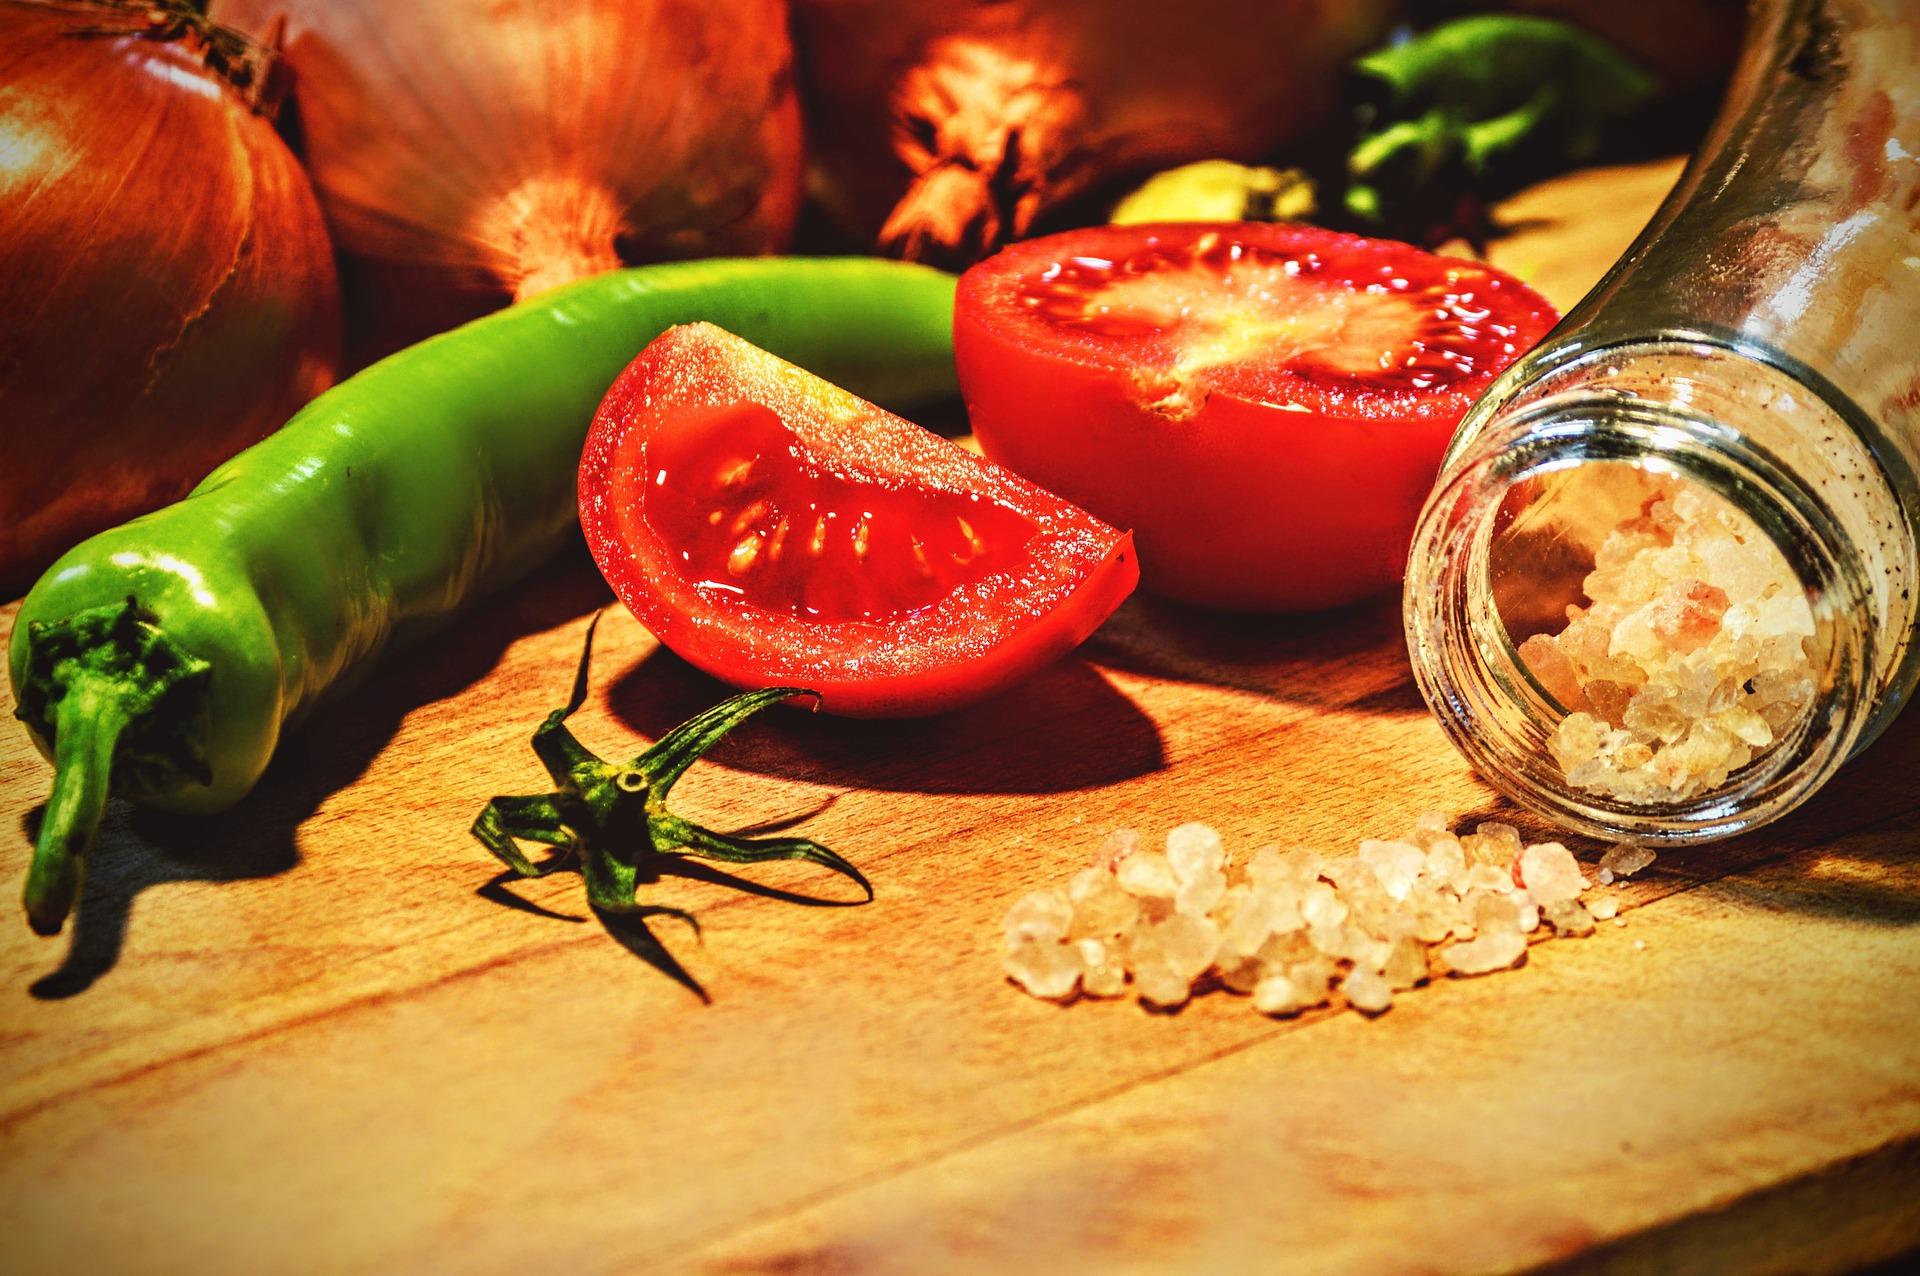 美味しそうな塩とトマト